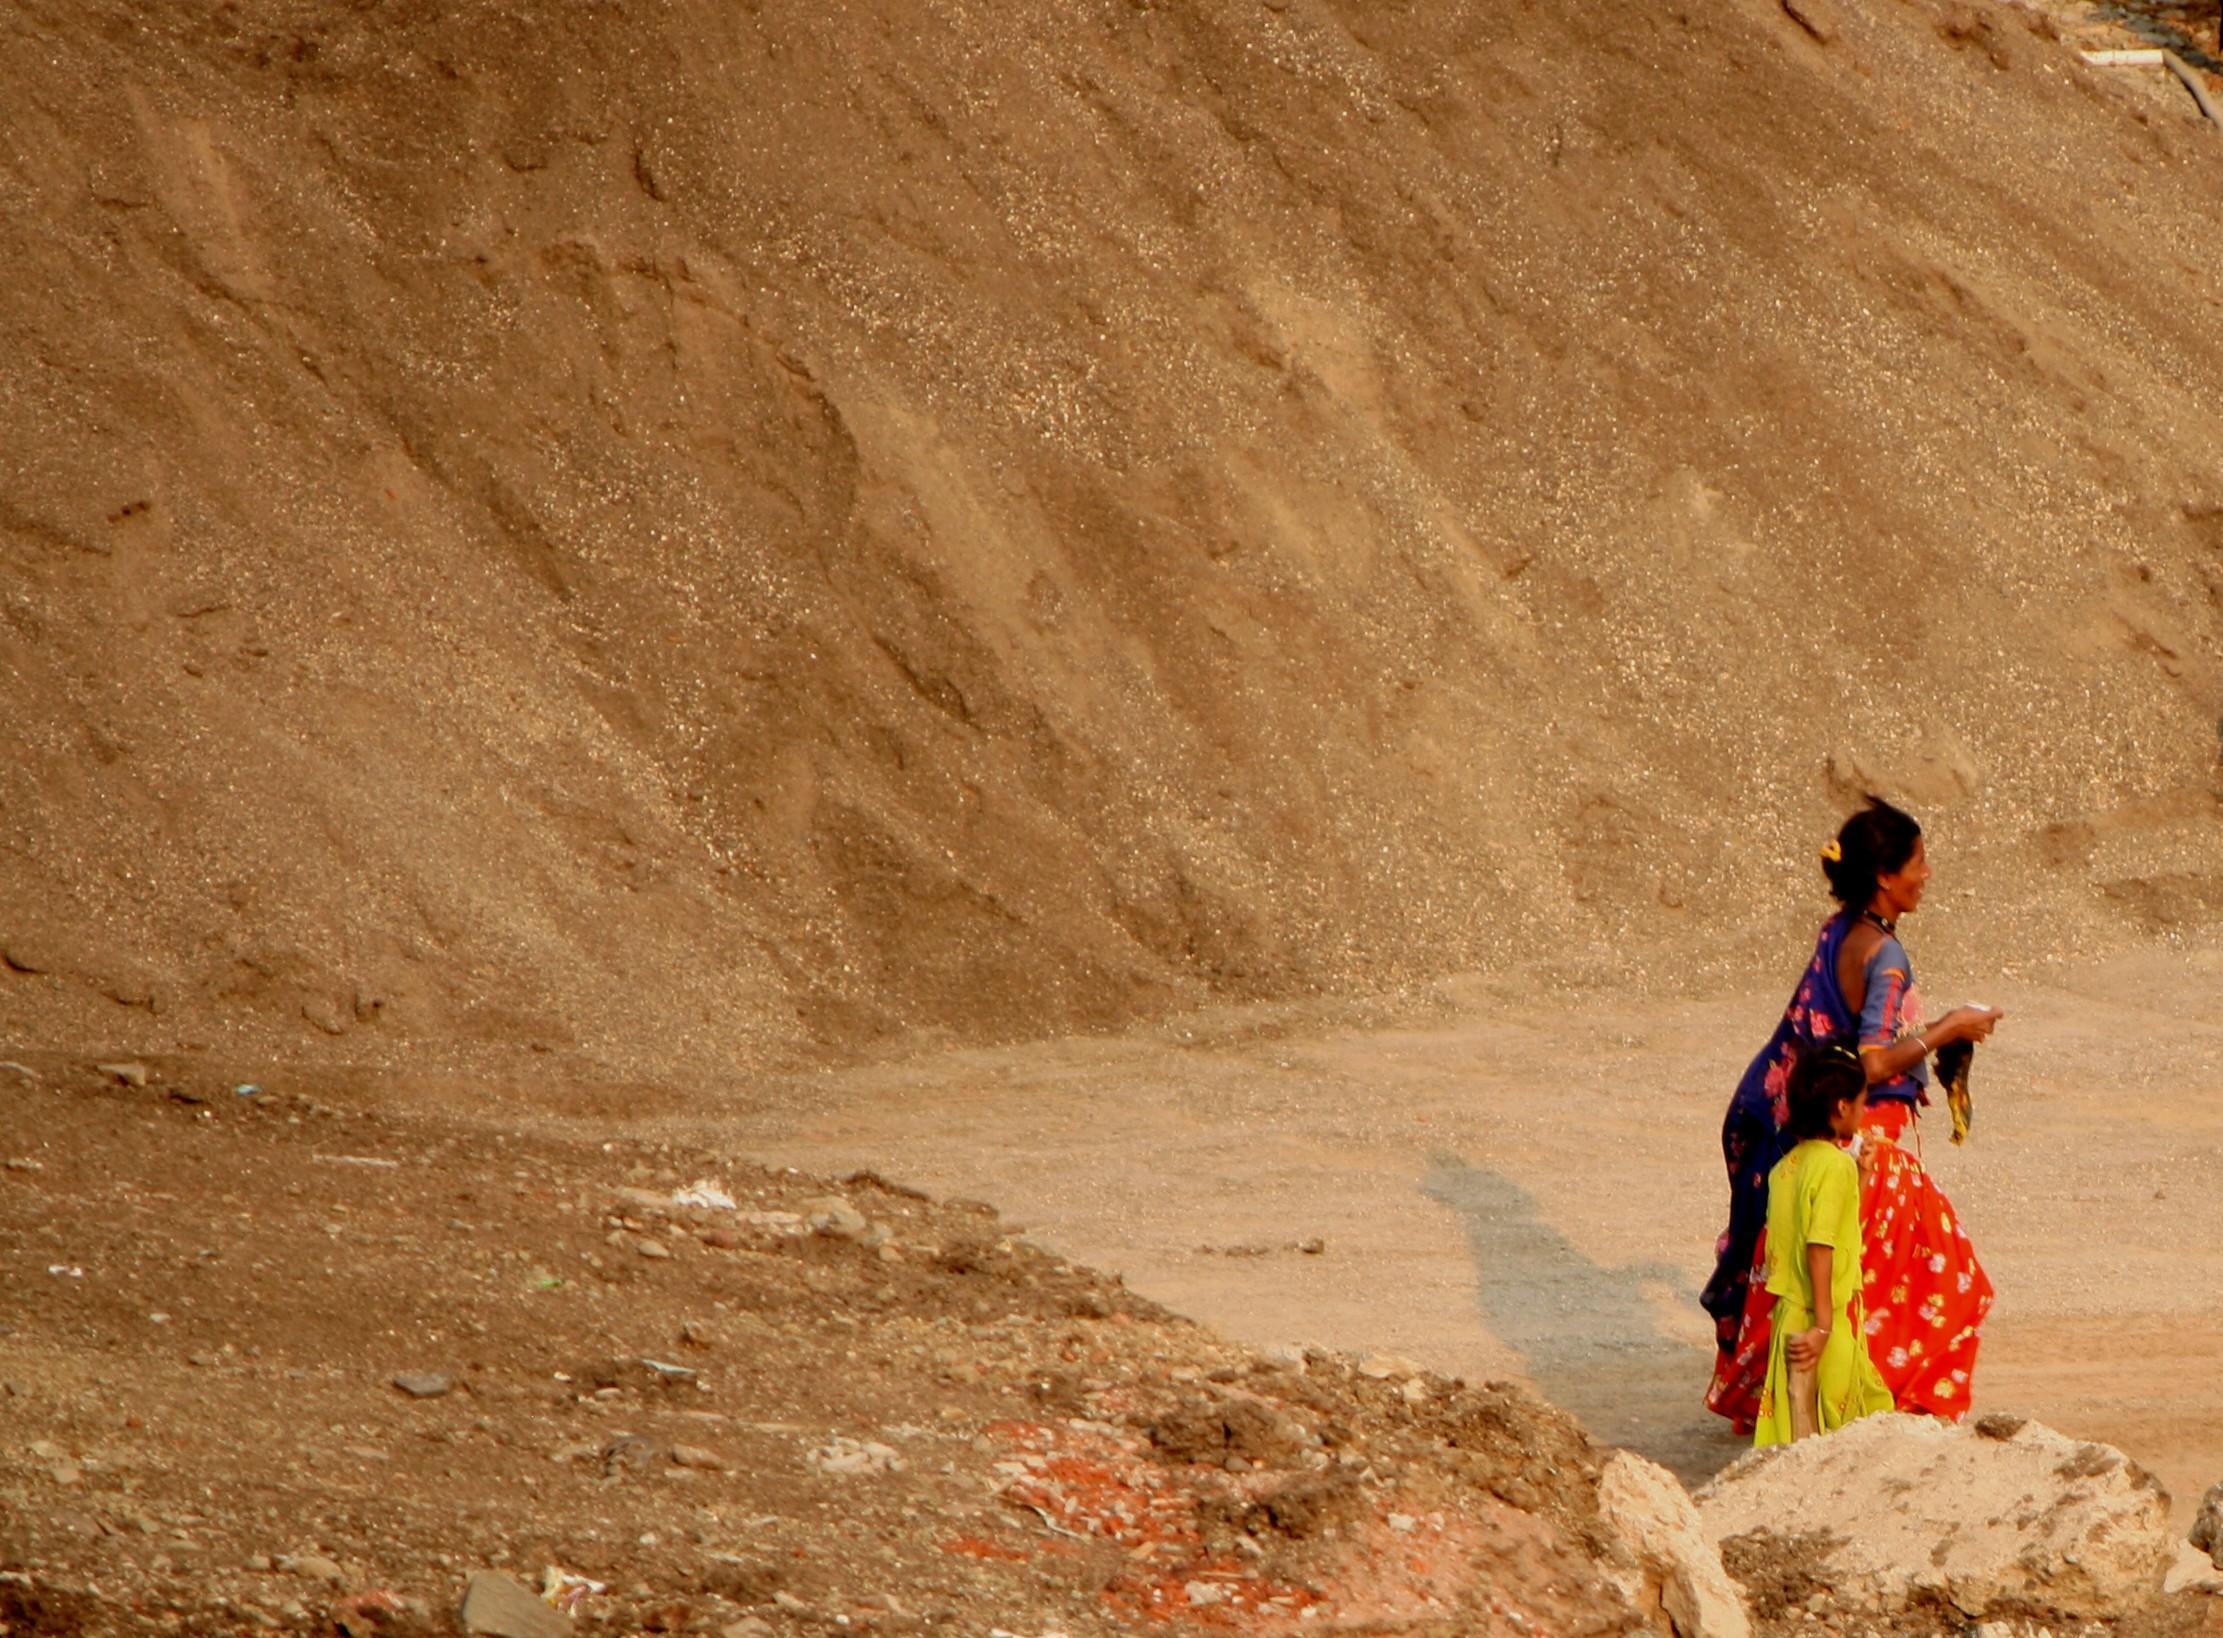 © 2011 Leesha Manju, Courtesy of Photoshare